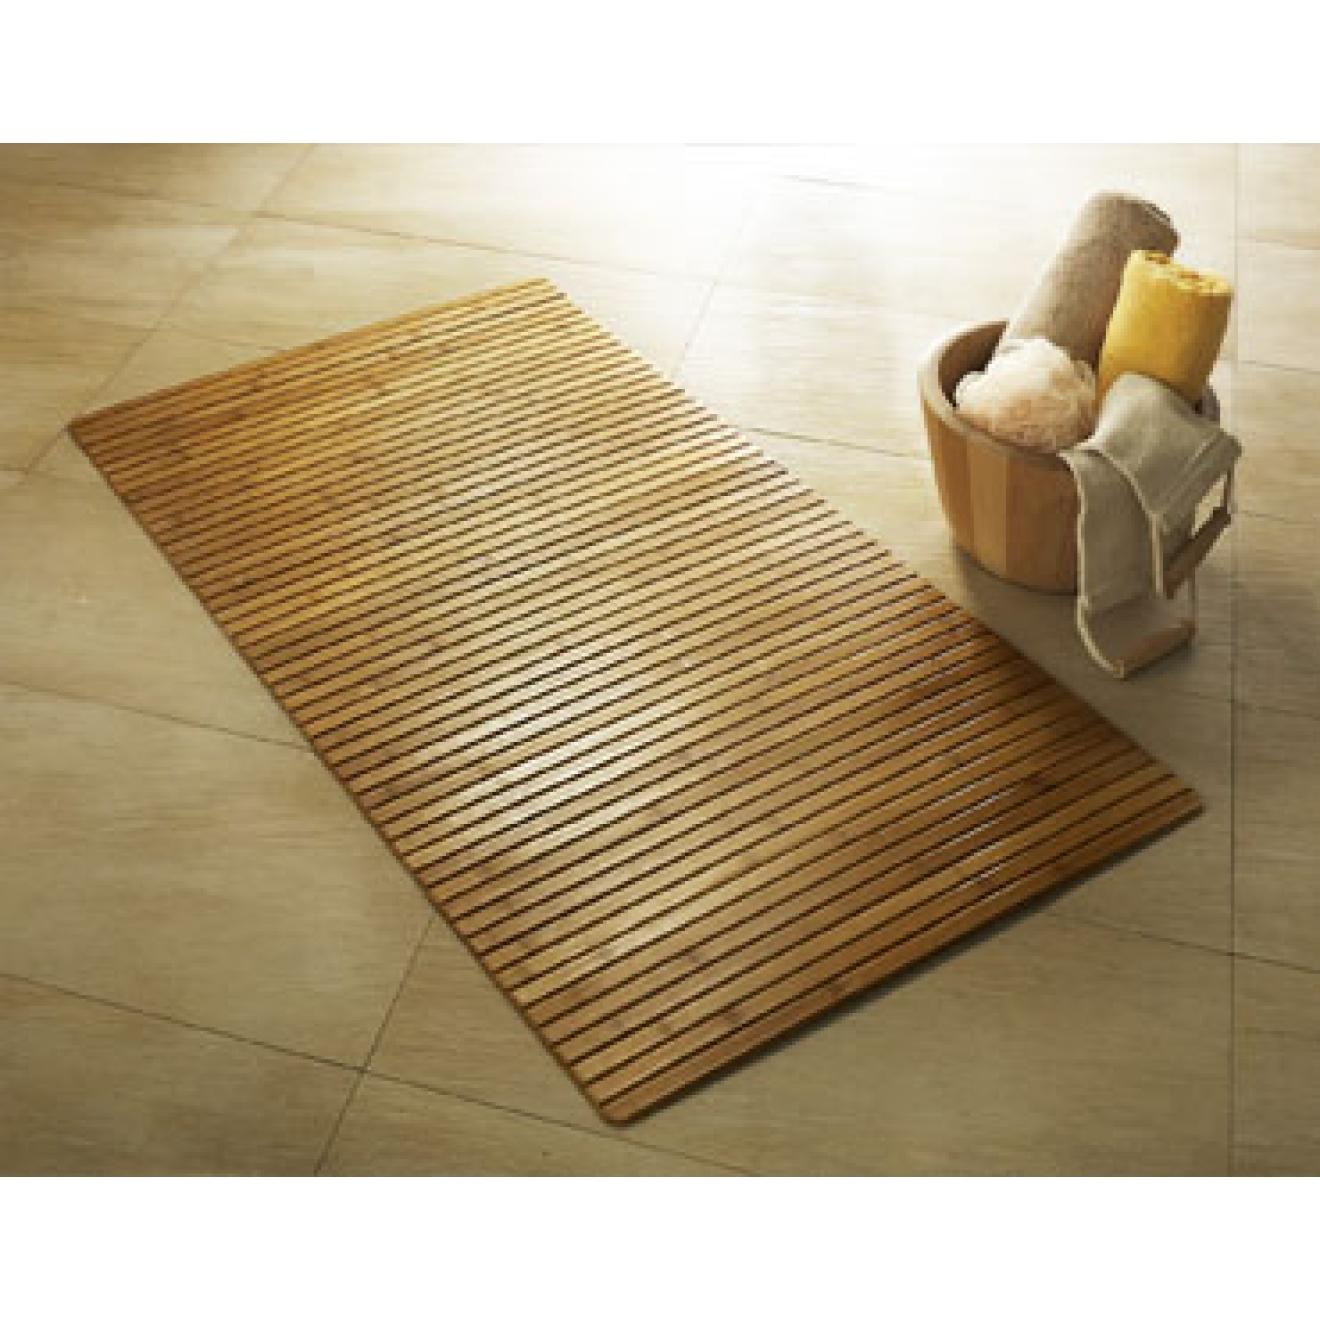 holz badematte bambus in 2 gr en. Black Bedroom Furniture Sets. Home Design Ideas